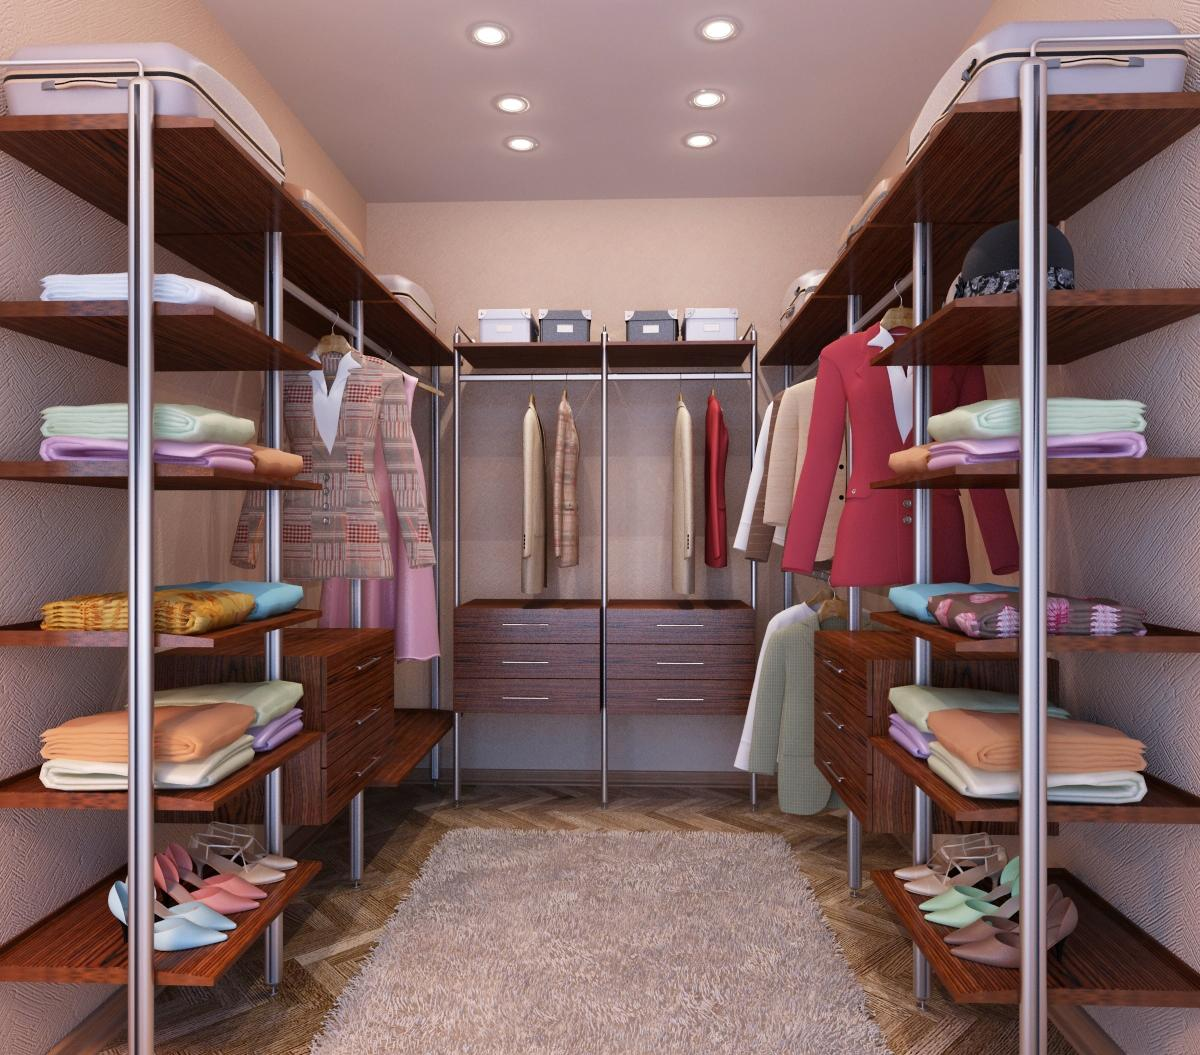 Даже небольшая гардеробная комната должна иметь стеллажи, выдвижные ящики и удобные полочки для одежды